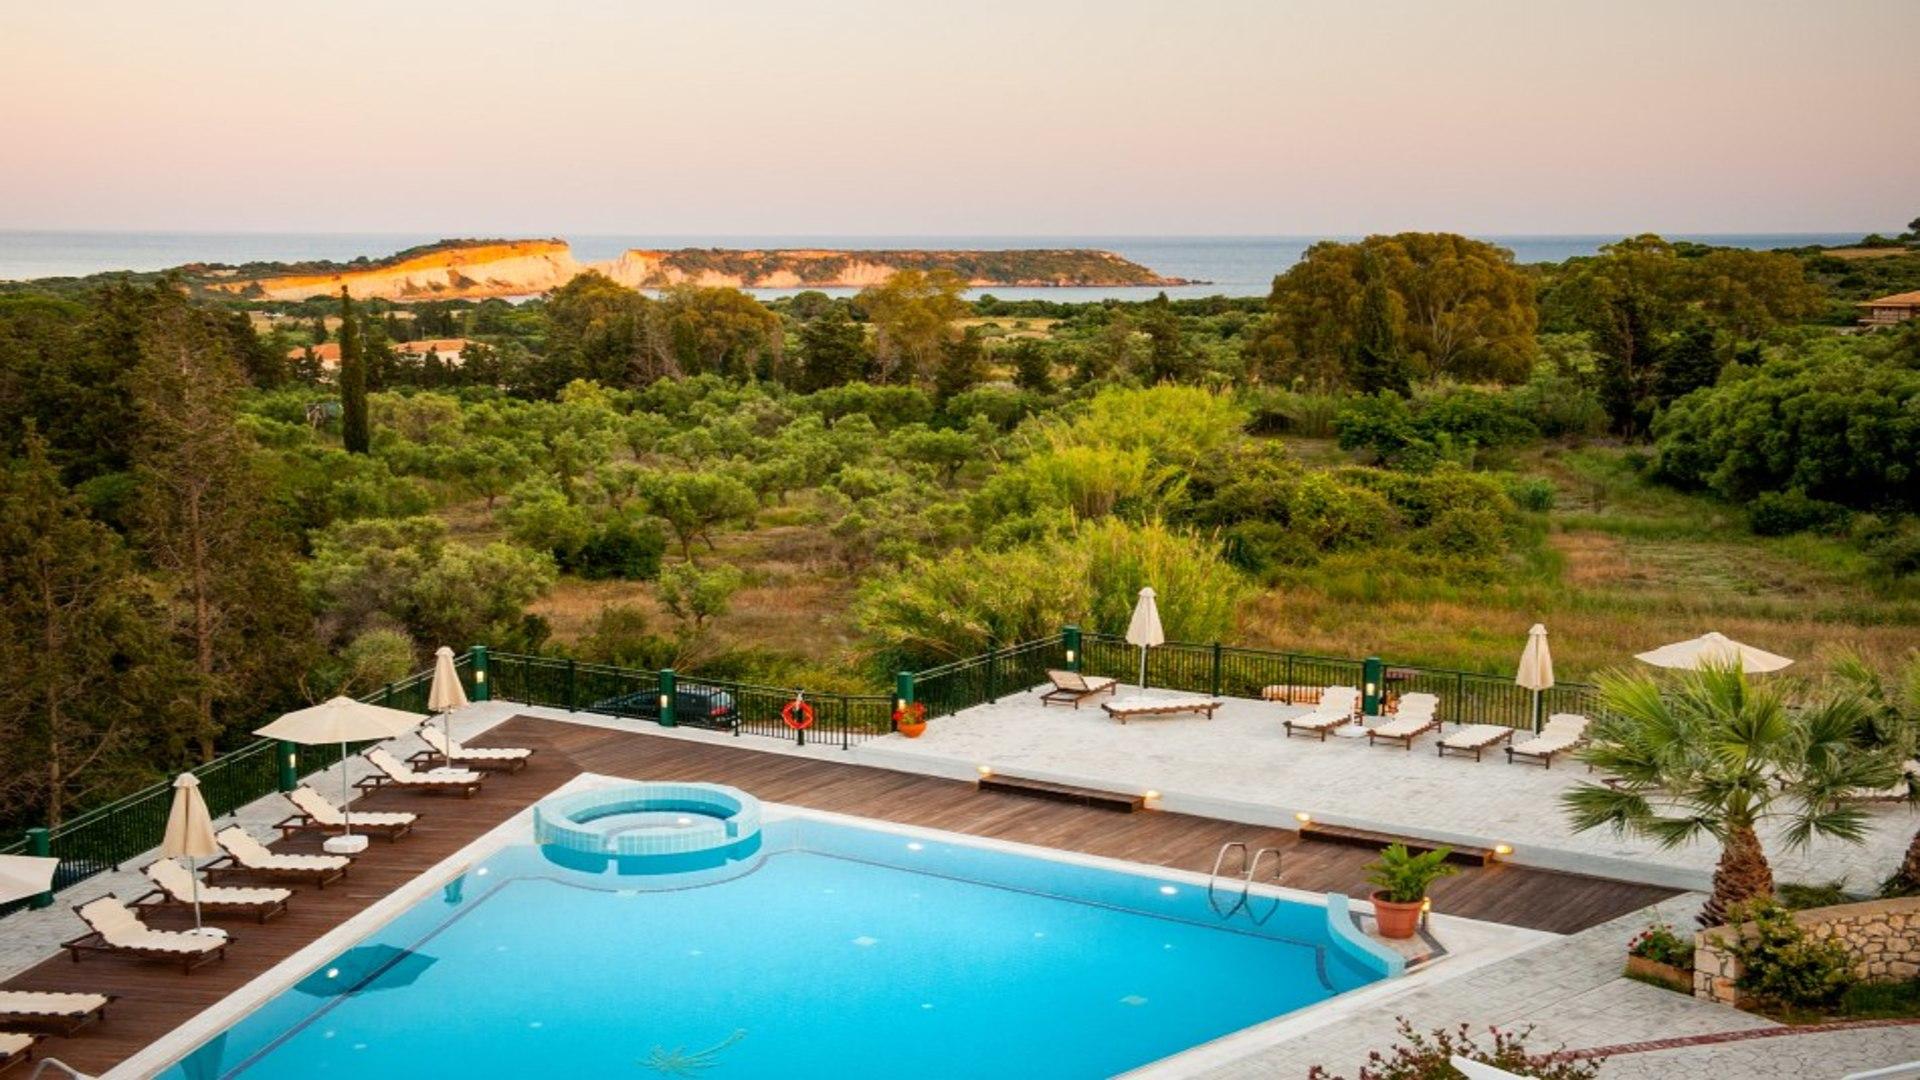 Zakynthos - Vassilikos - zwembad villa belvedere - groene omgeving, zee op de achtergrond